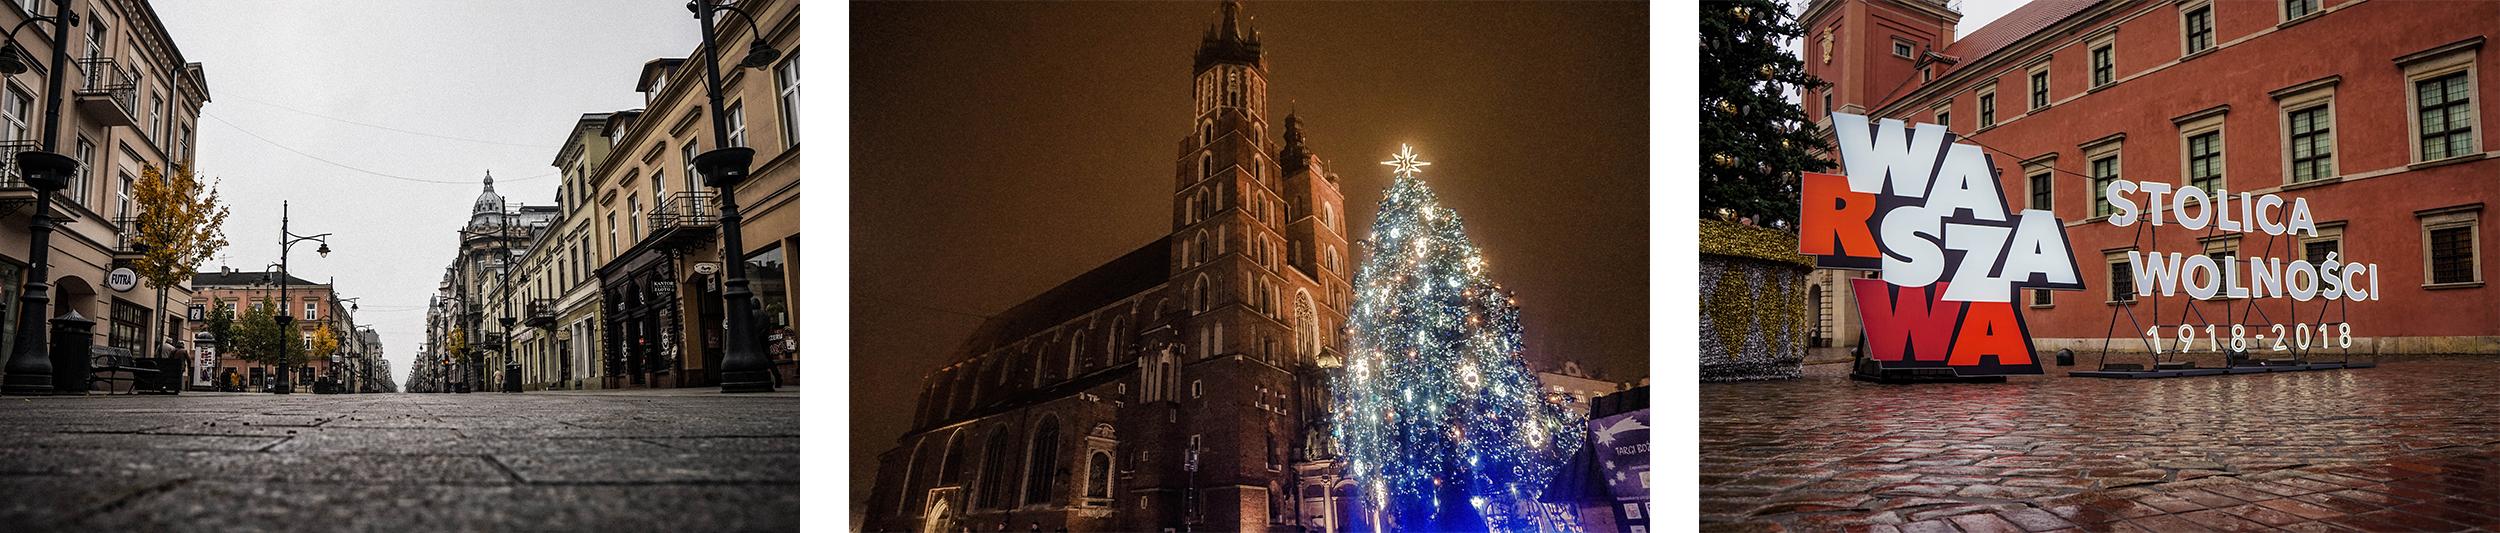 Łódź, Kraków, Warszawa